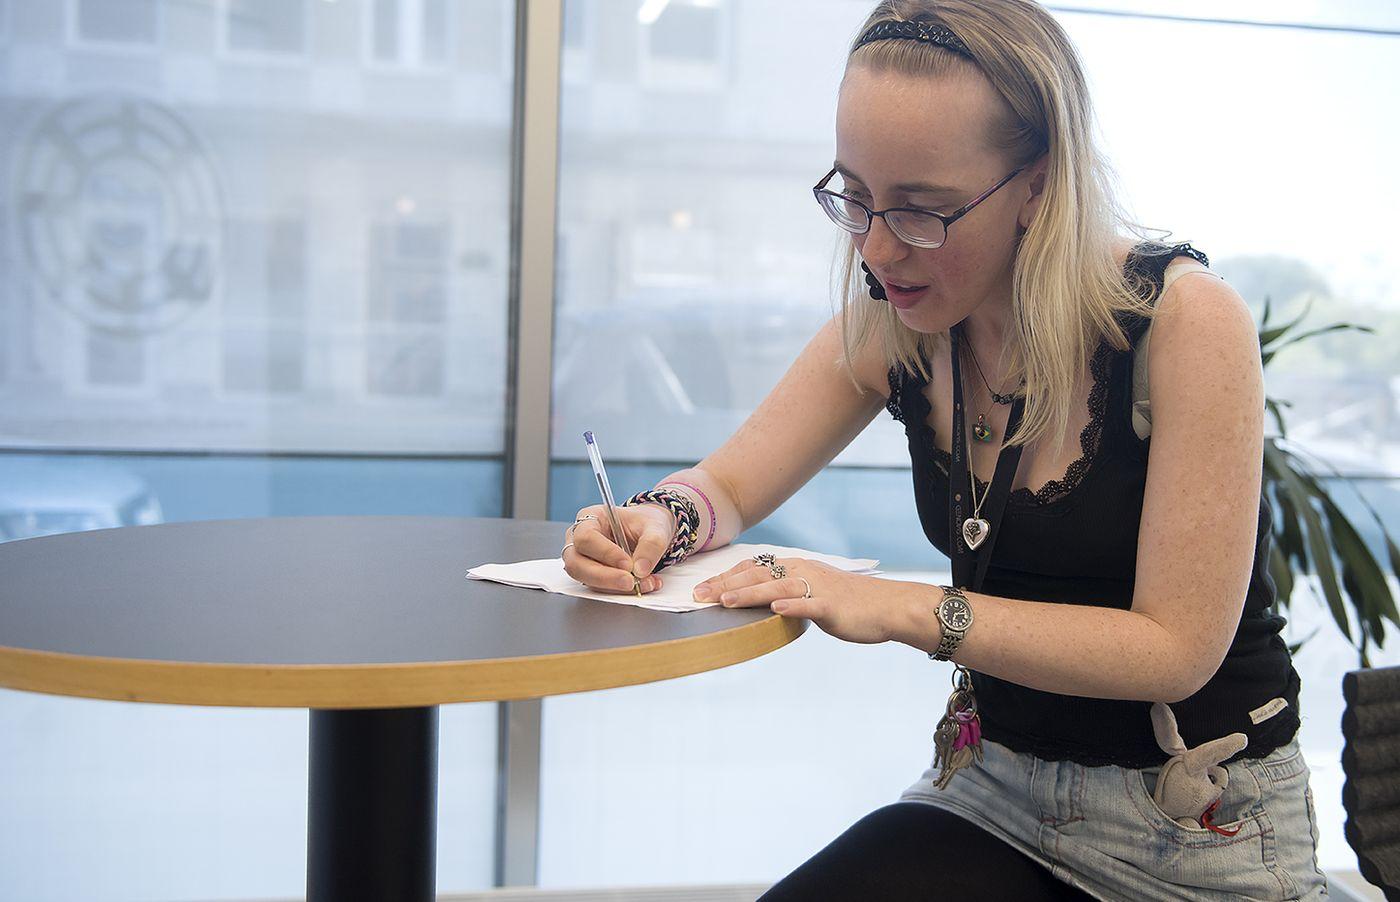 En kvinna sitter och skriver vid ett bord.